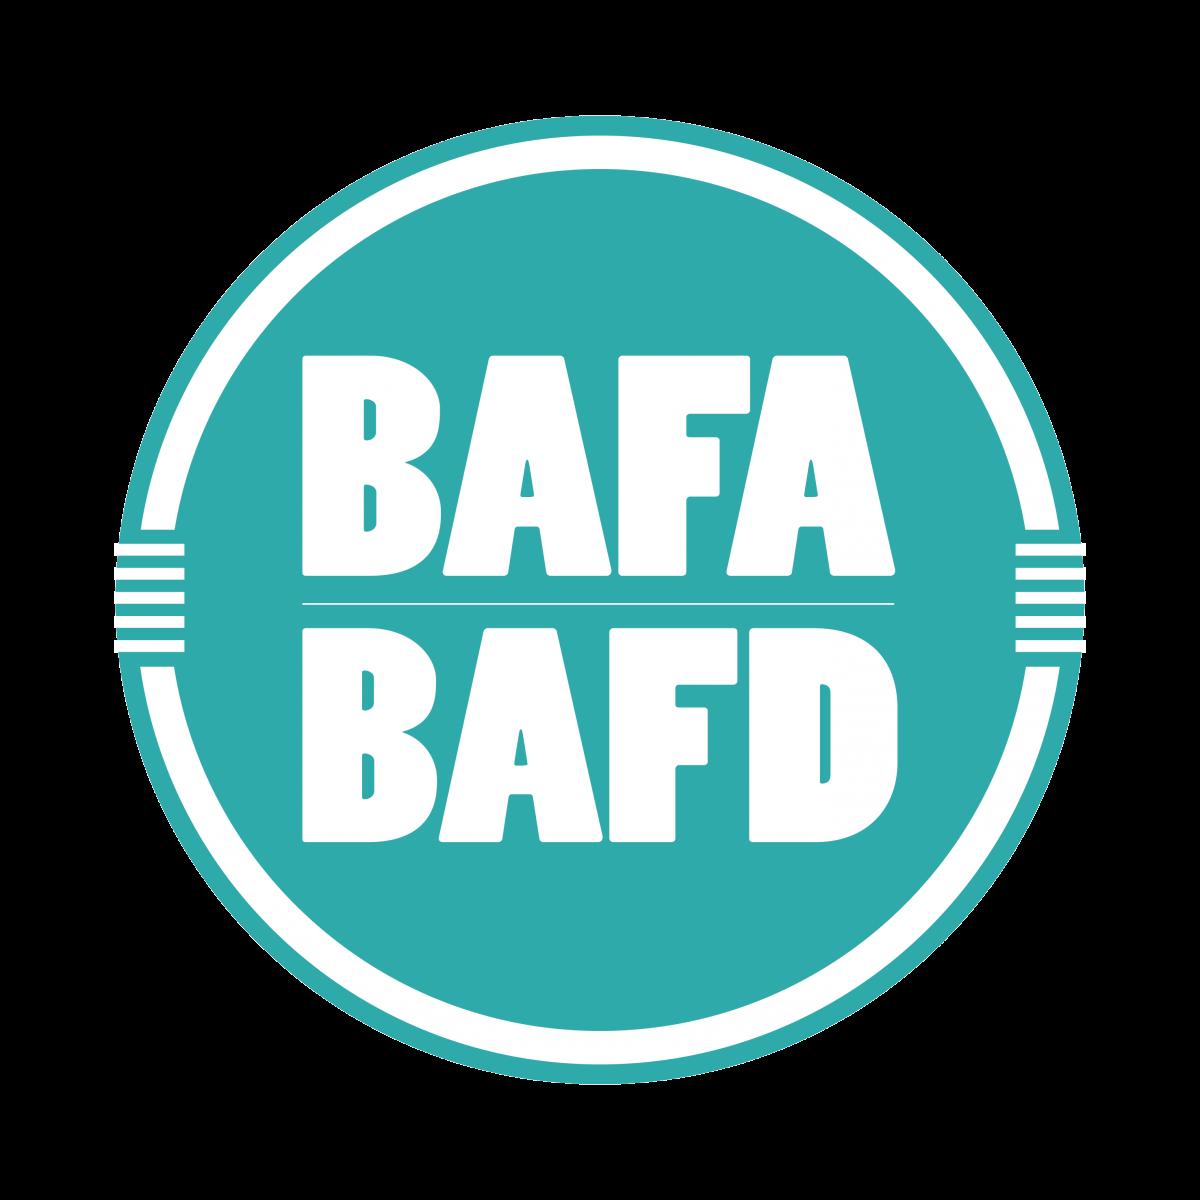 logo_bafabafd.png